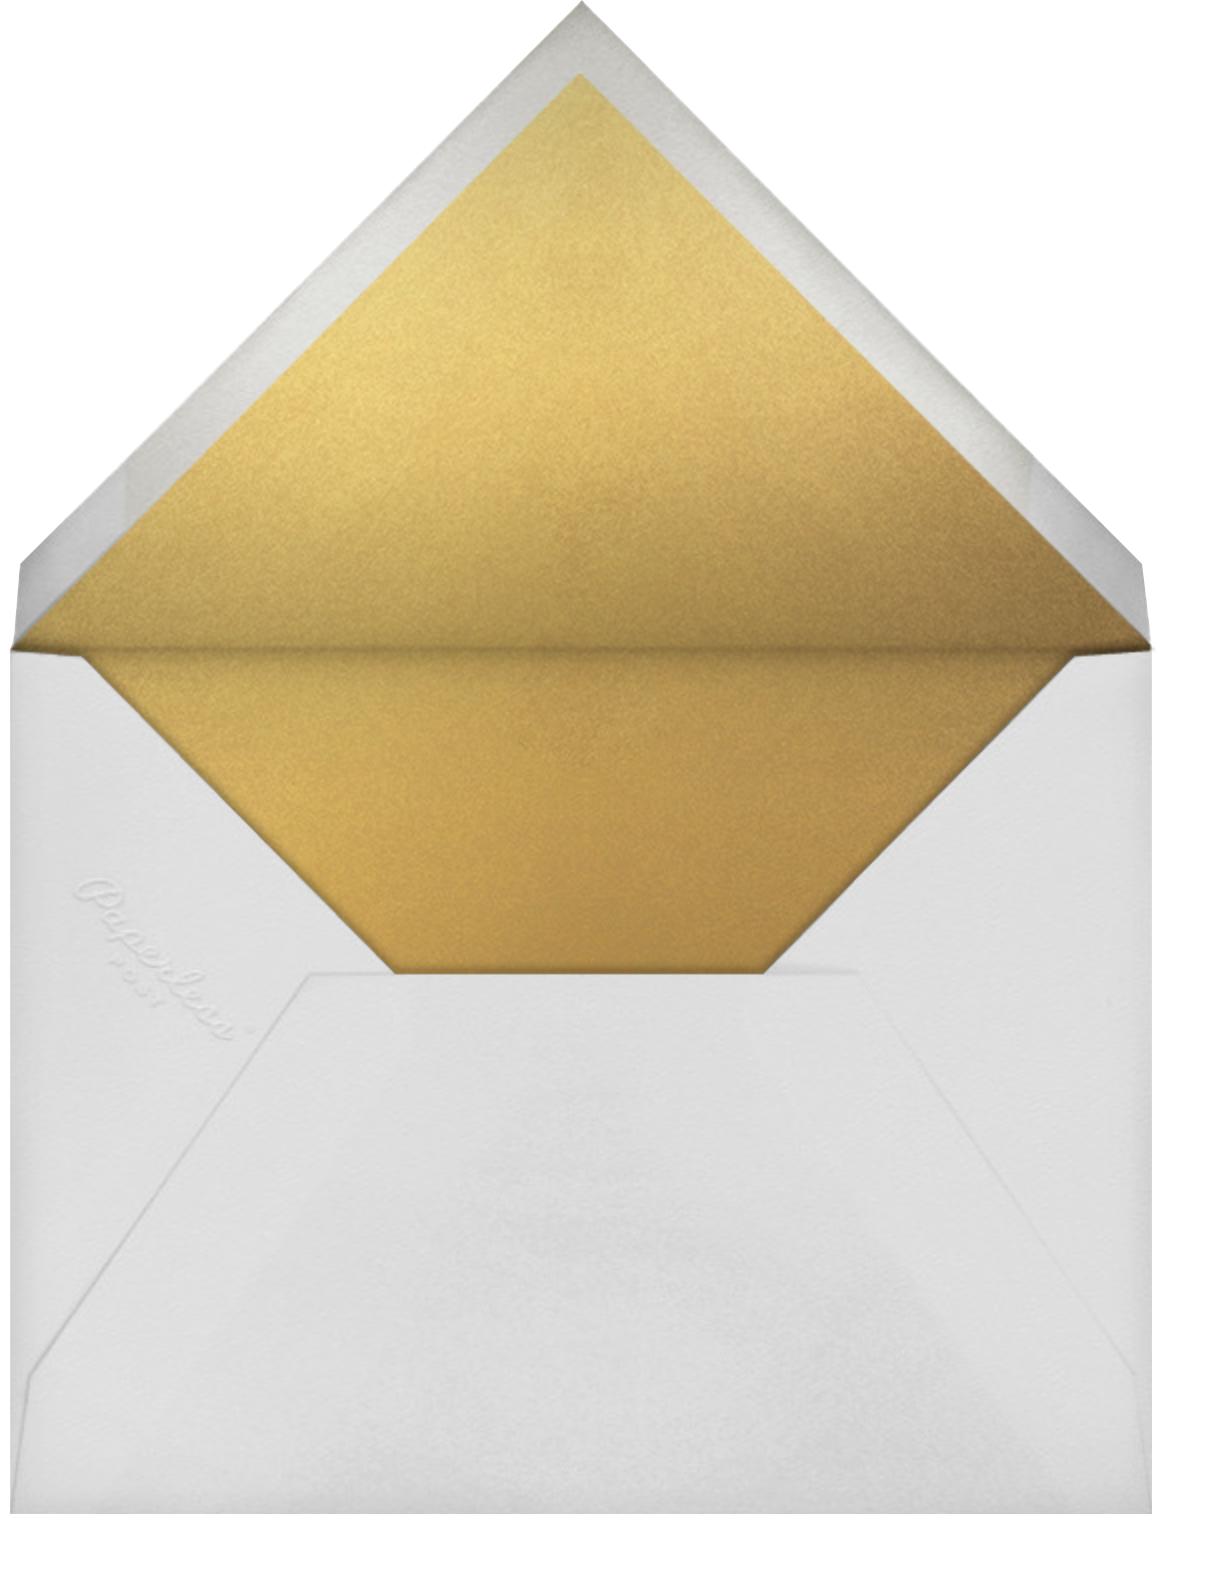 Winter Garden I (Invitation) - Gold - Paperless Post - Winter entertaining - envelope back